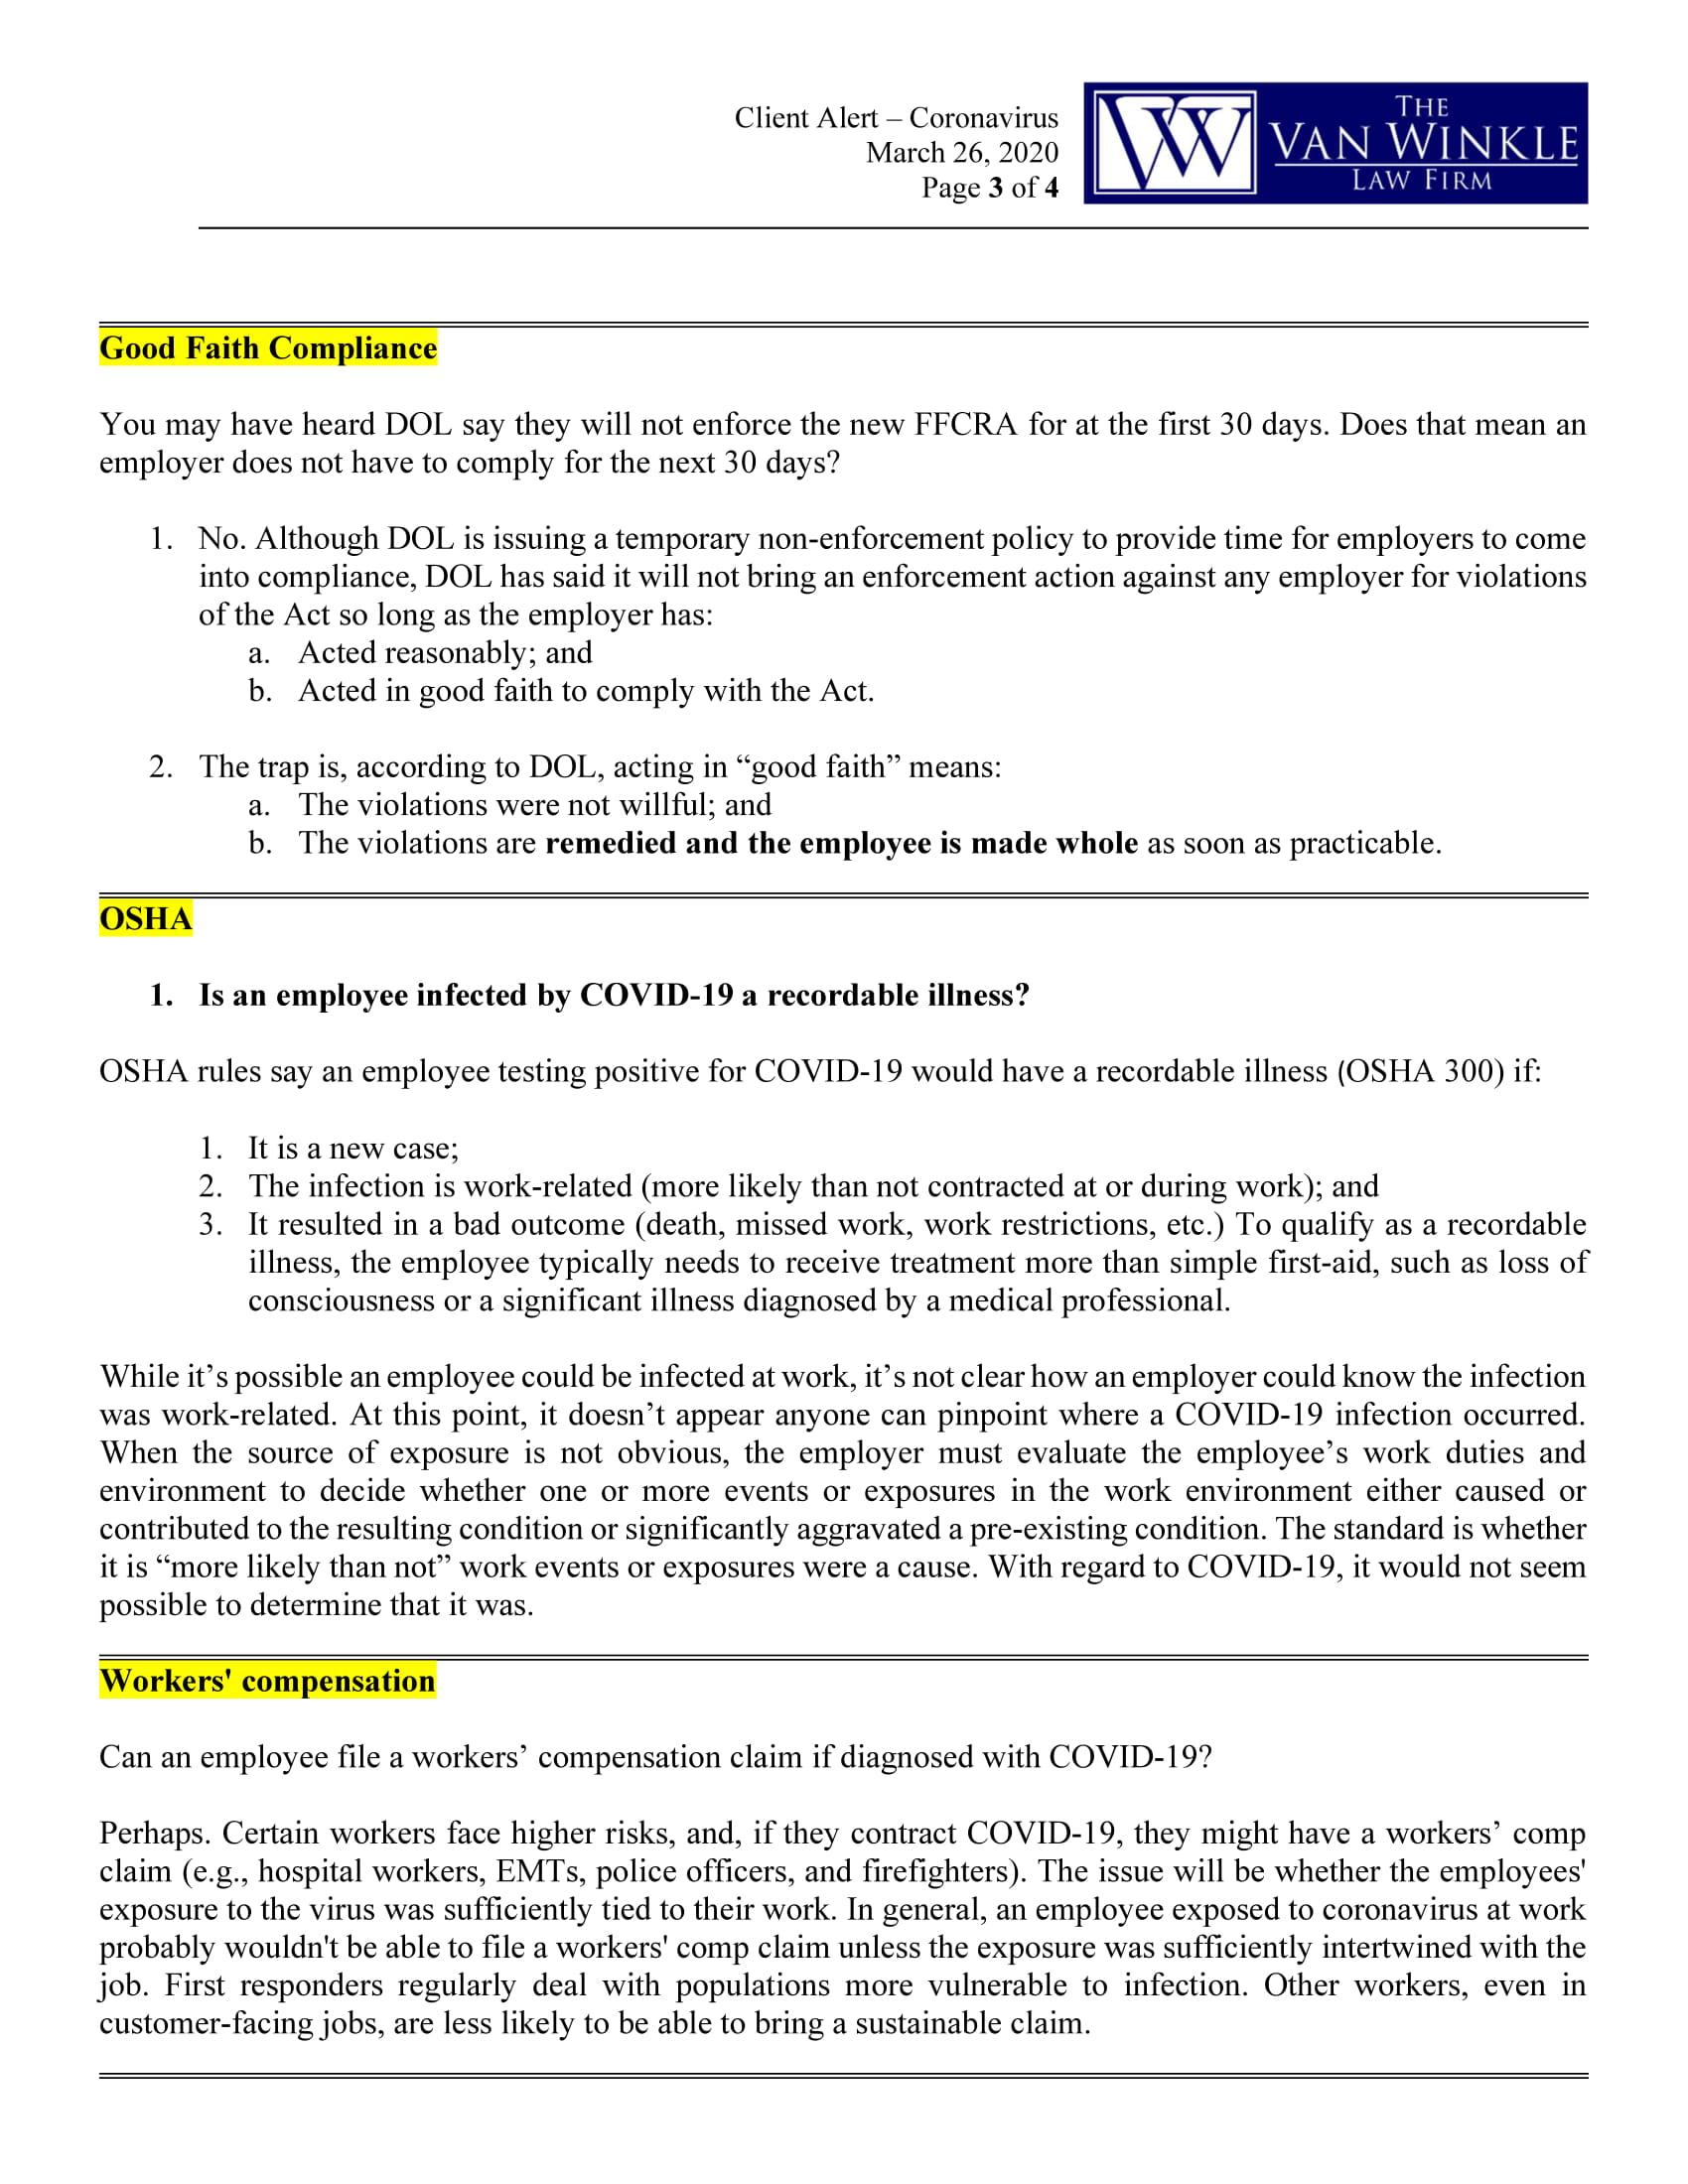 FFCRA Supplemental Guidance Page 3